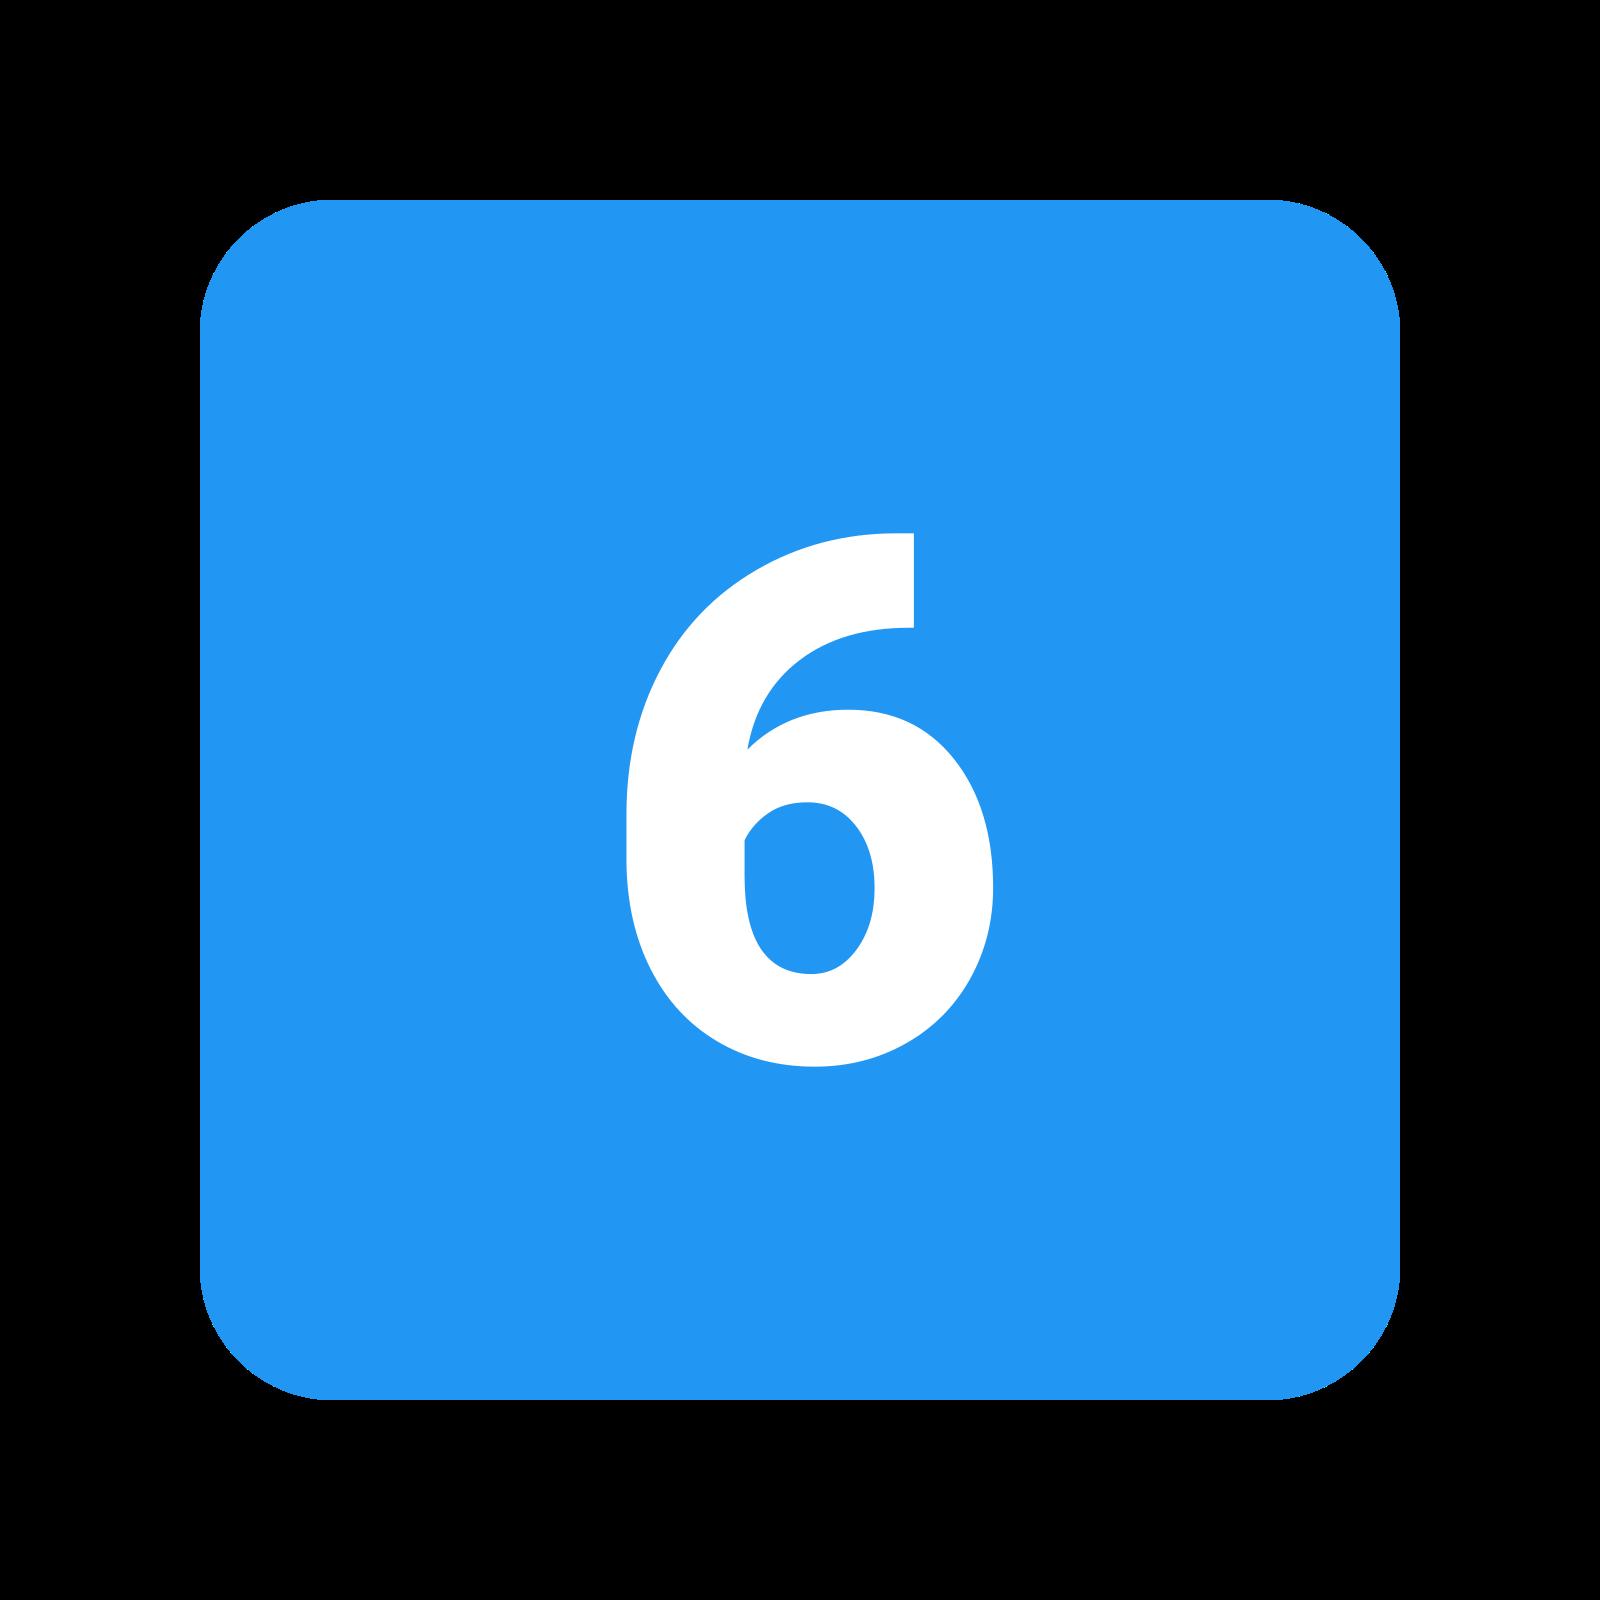 6 C icon